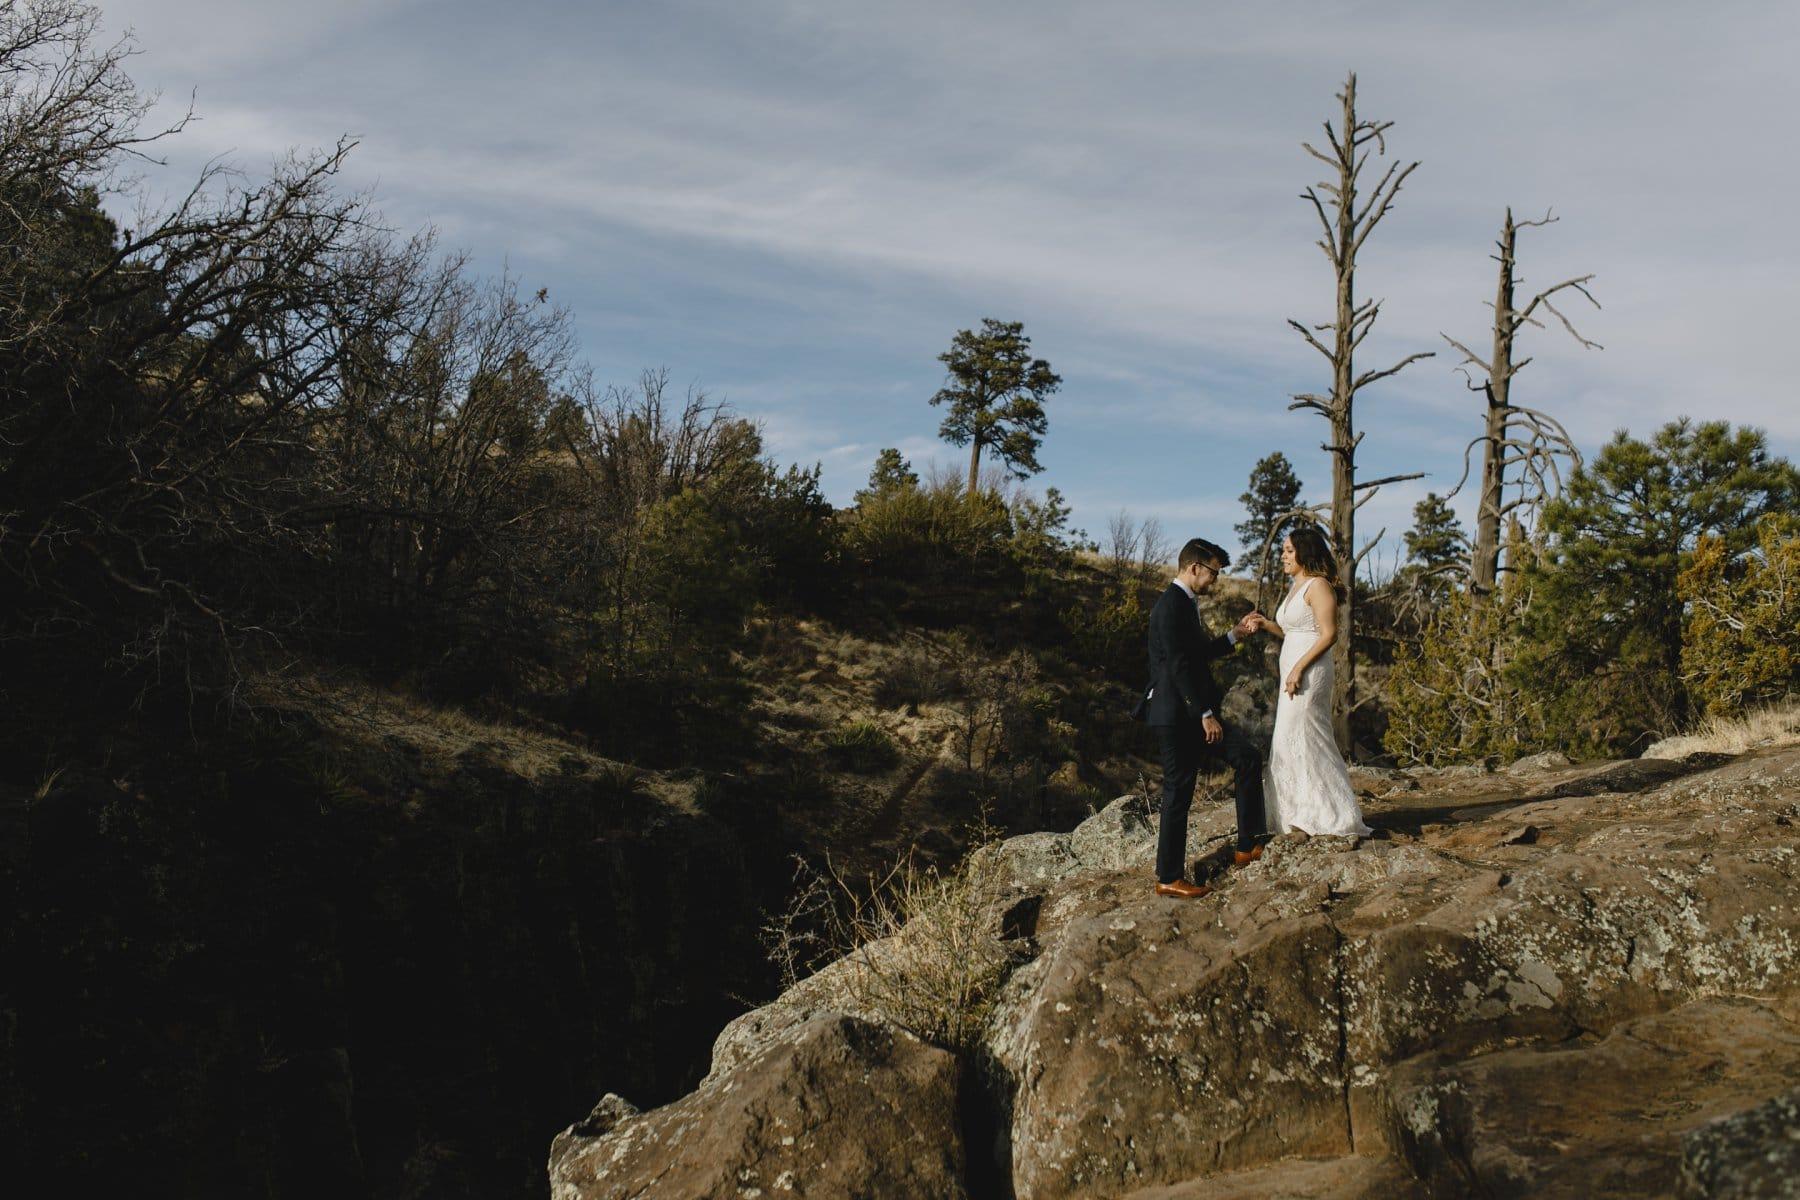 Flagstaff cliff elopement photos